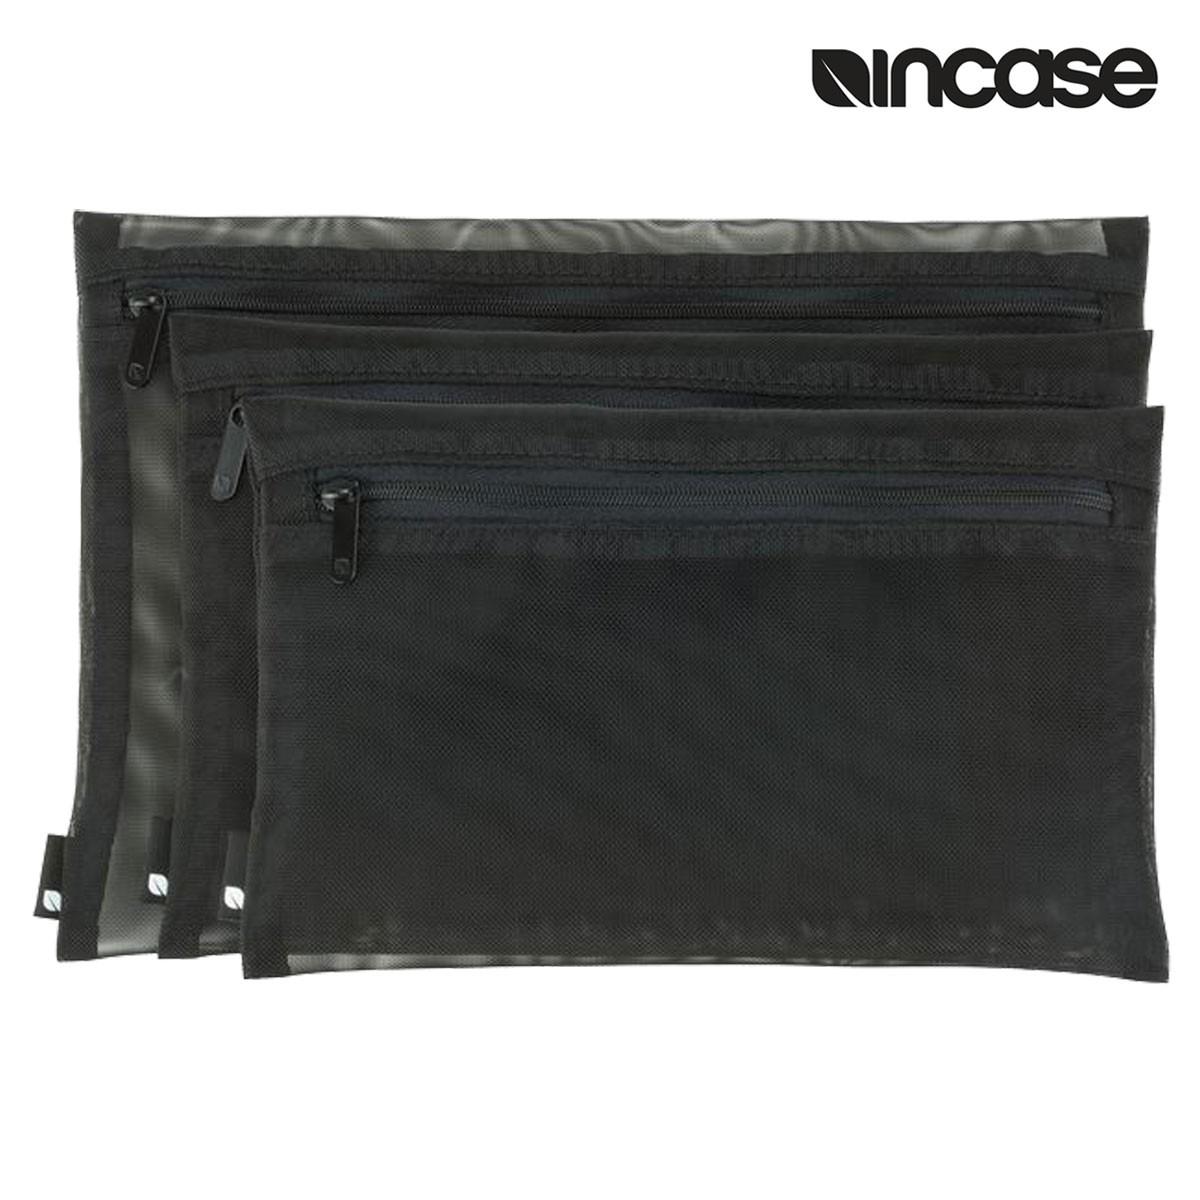 INCASE インケース ケース ジップケース ZIP POUCH 3 PACK INTR400180 レディース メンズ ブラック